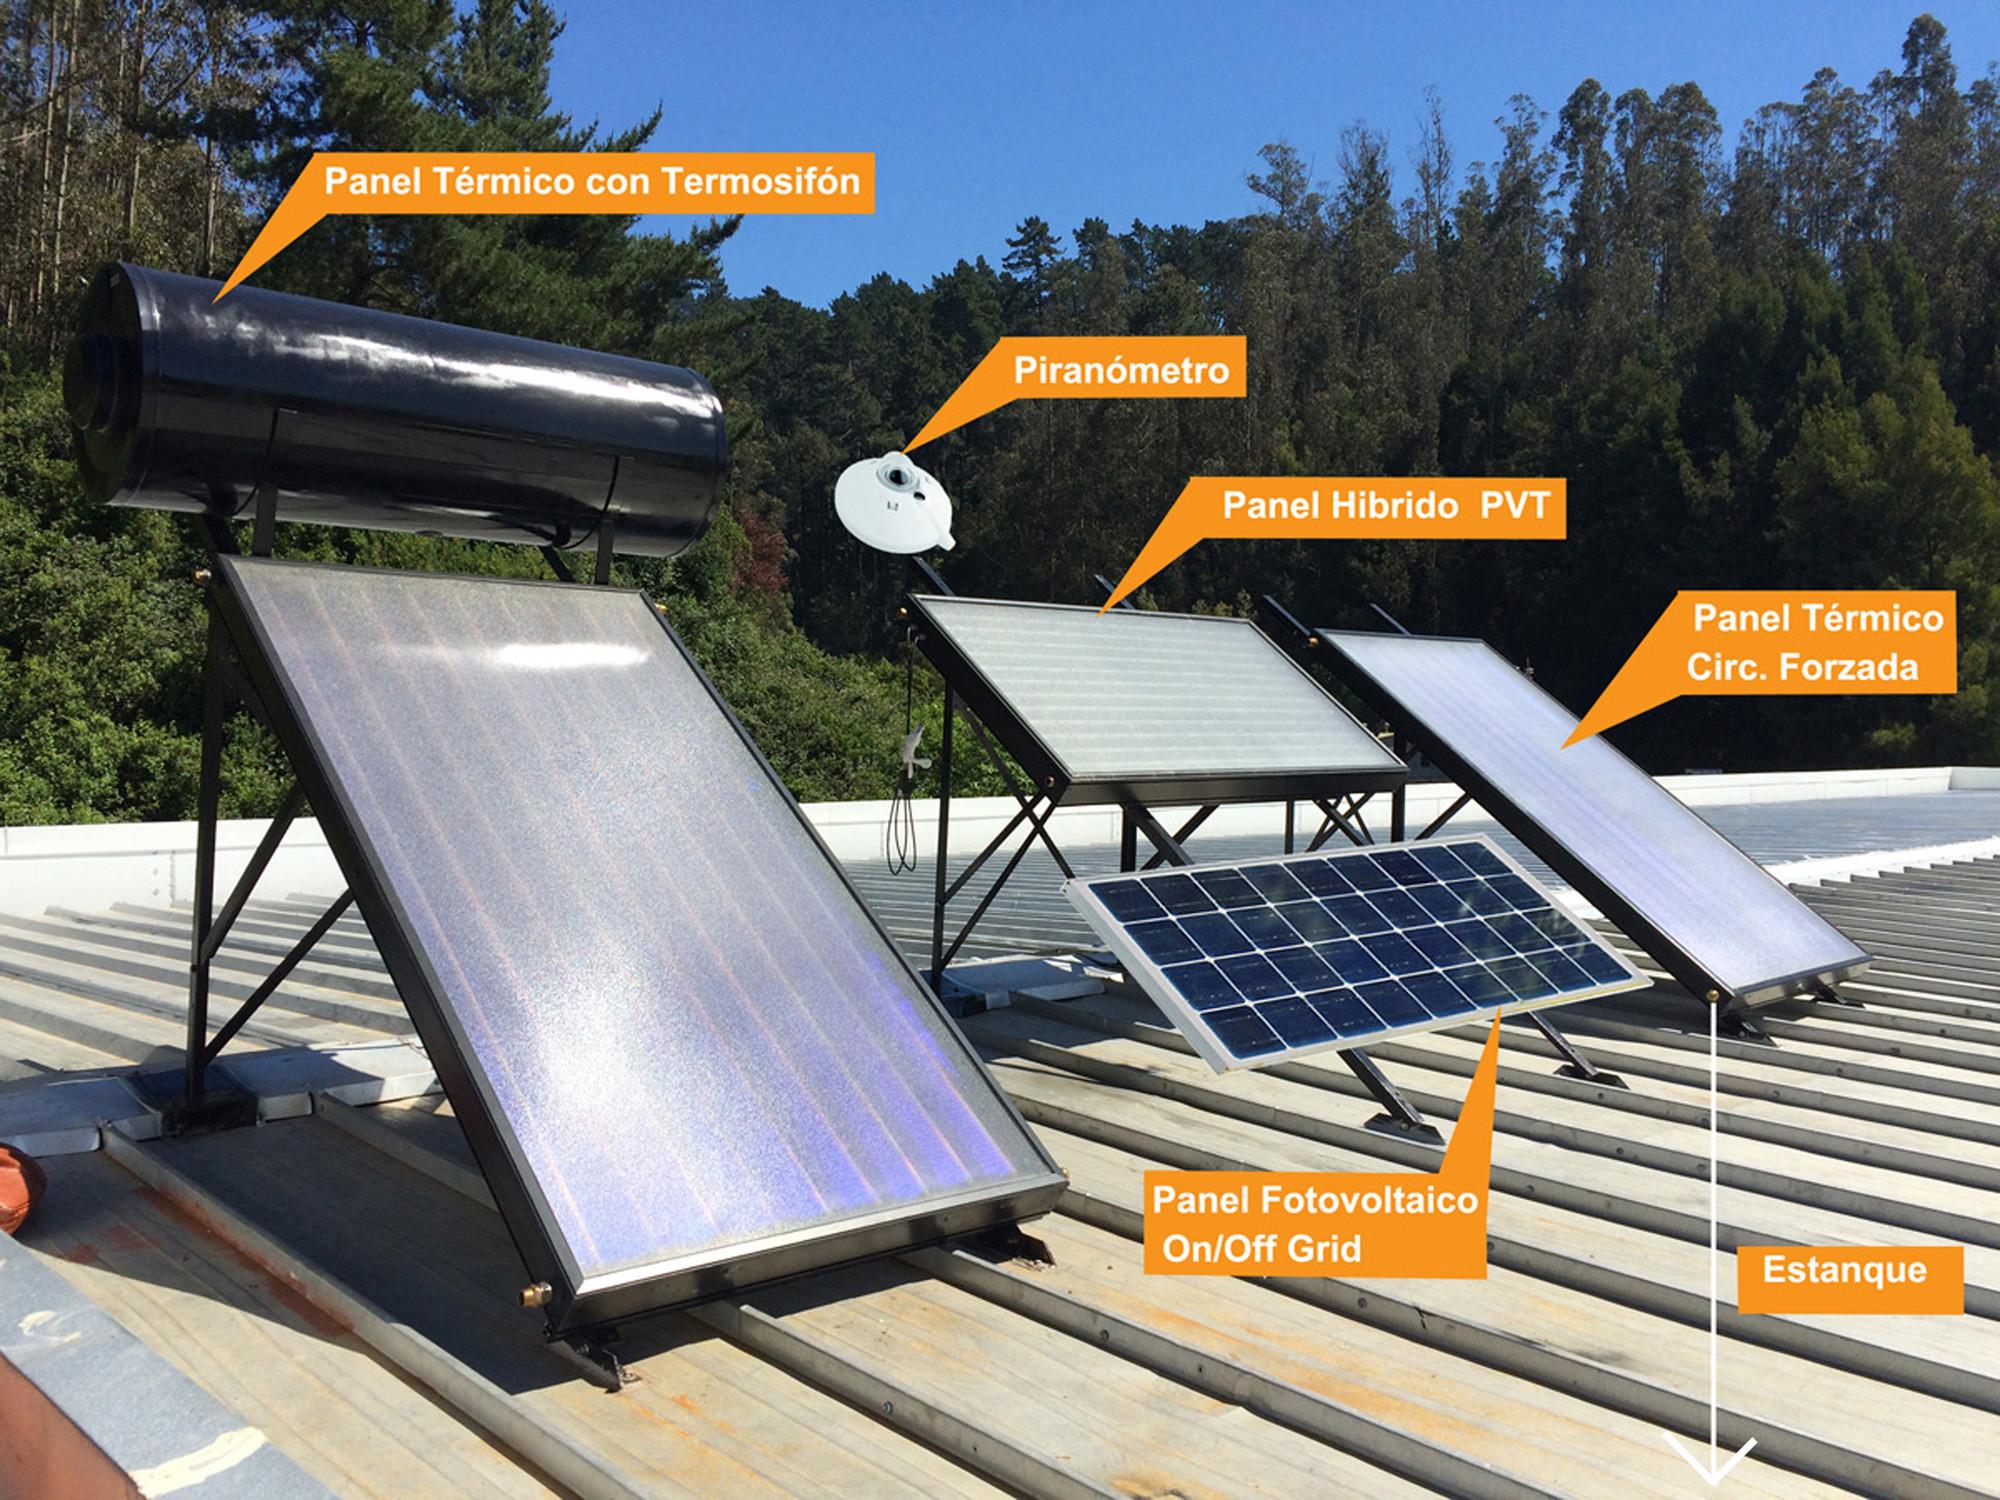 Instalación de paneles solares. Image © CONFIN AKA-ERNC-007